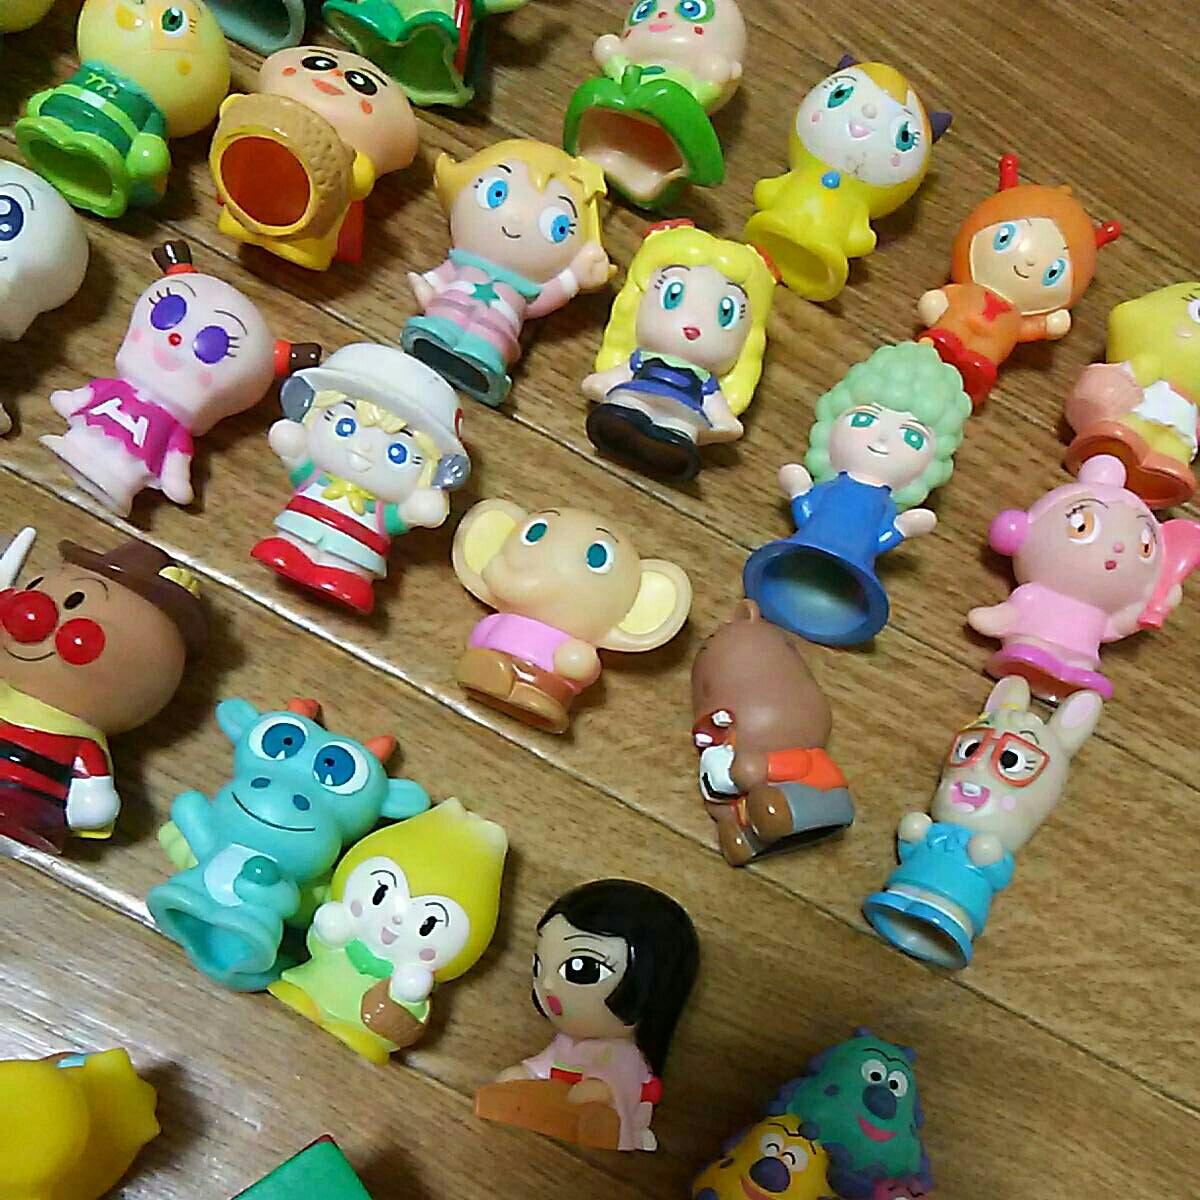 ダブリなしアンパンマン指人形他フィギュア106体セット ソフビ マスコットキャラクターやなせたかし まとめて まとめ売り大量 たくさんミニ_画像8